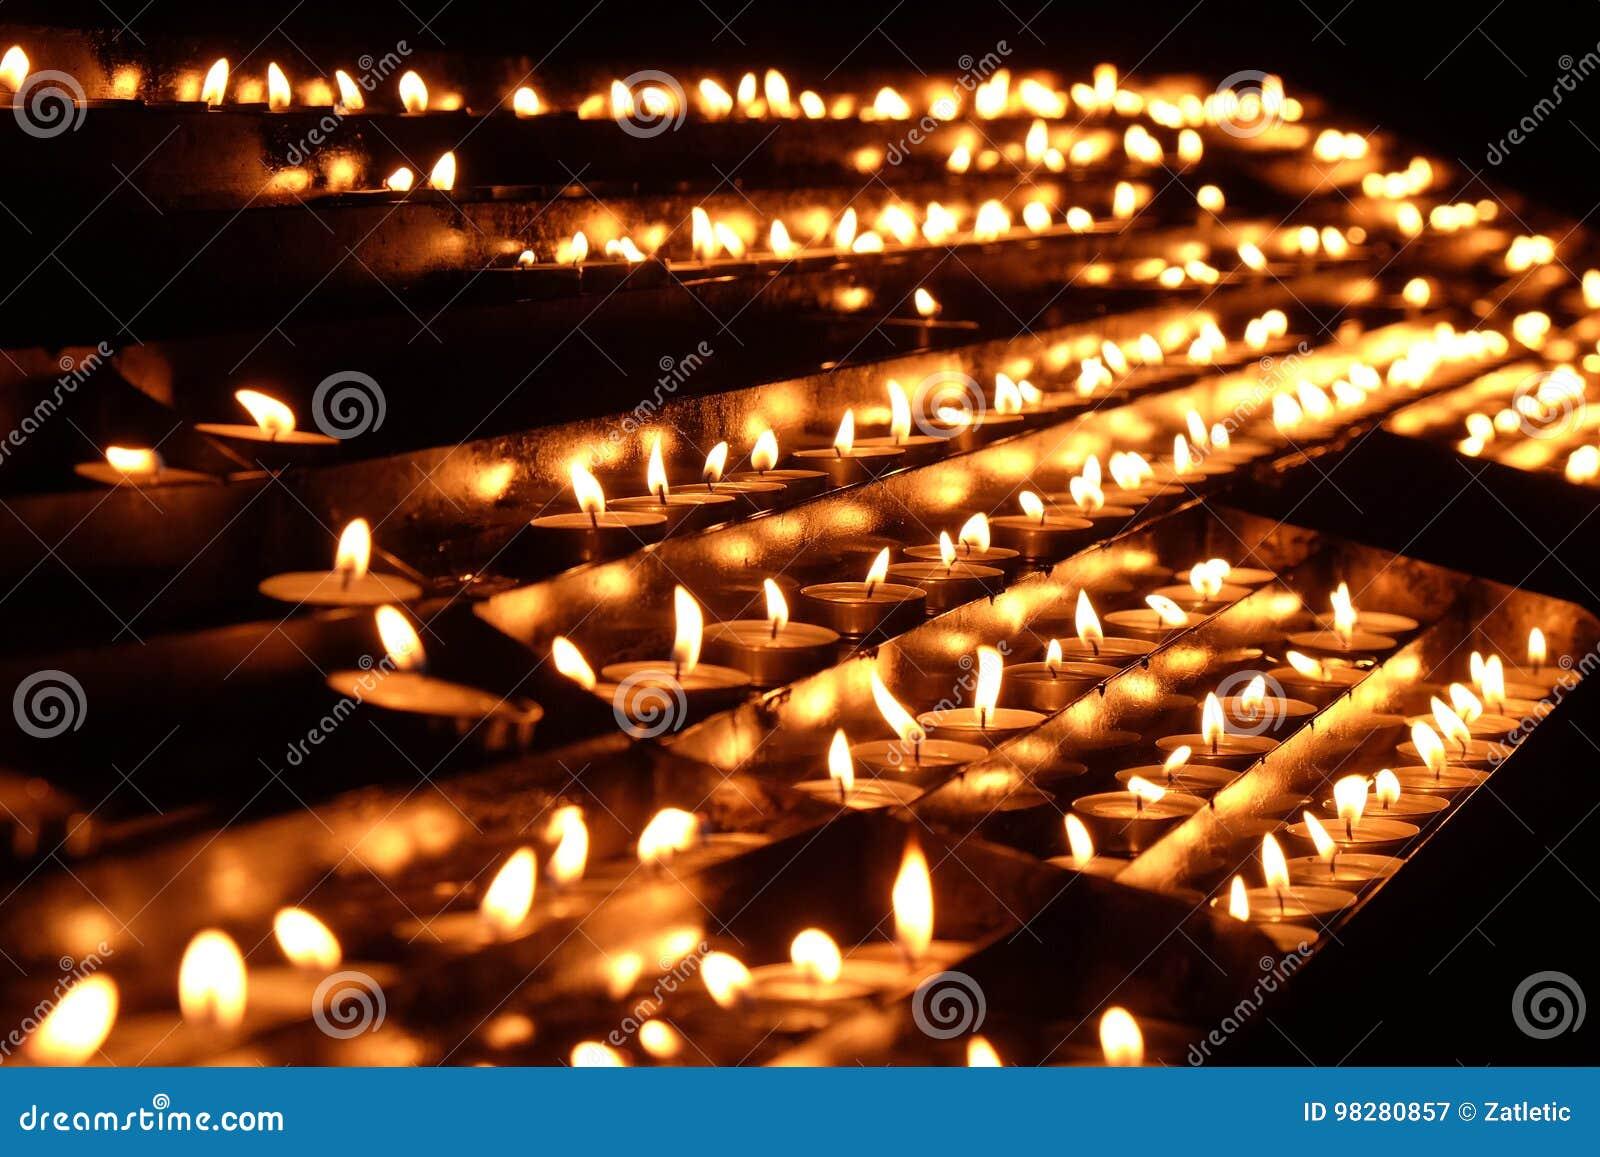 Lit-kaarsen op het altaar van Onze Dame in de Kathedraal in Zagreb